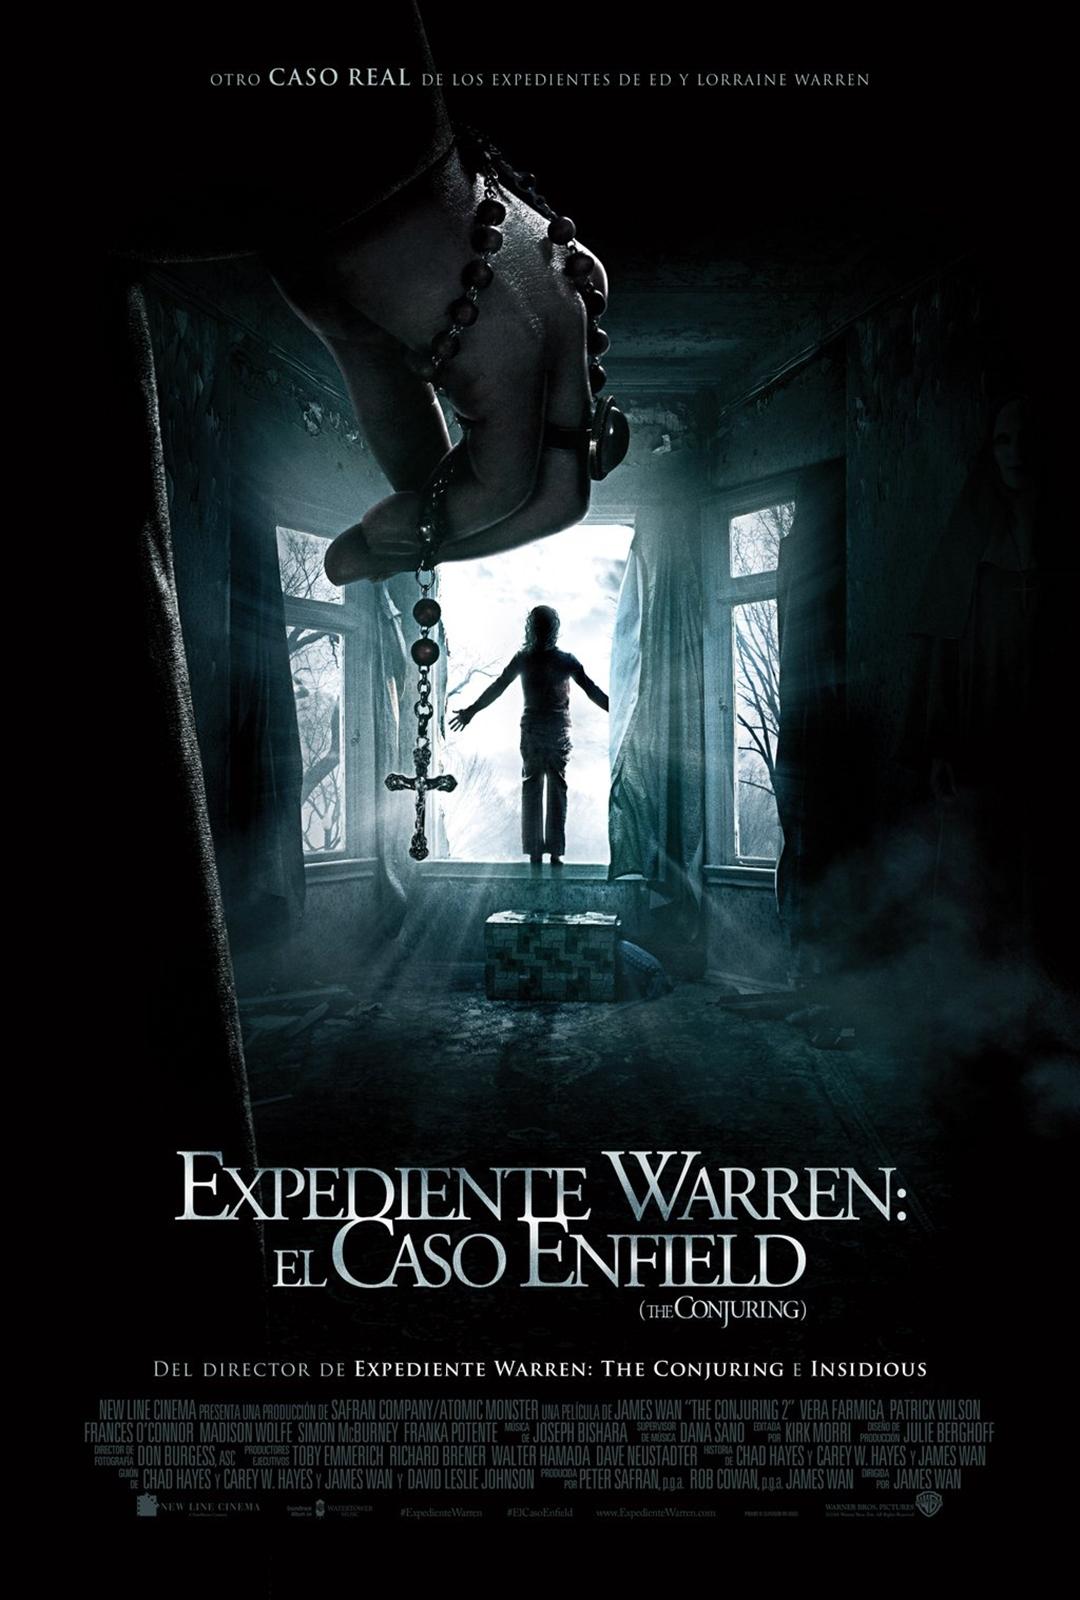 Cartel de Expediente Warren: El caso Enfield (The Conjuring)